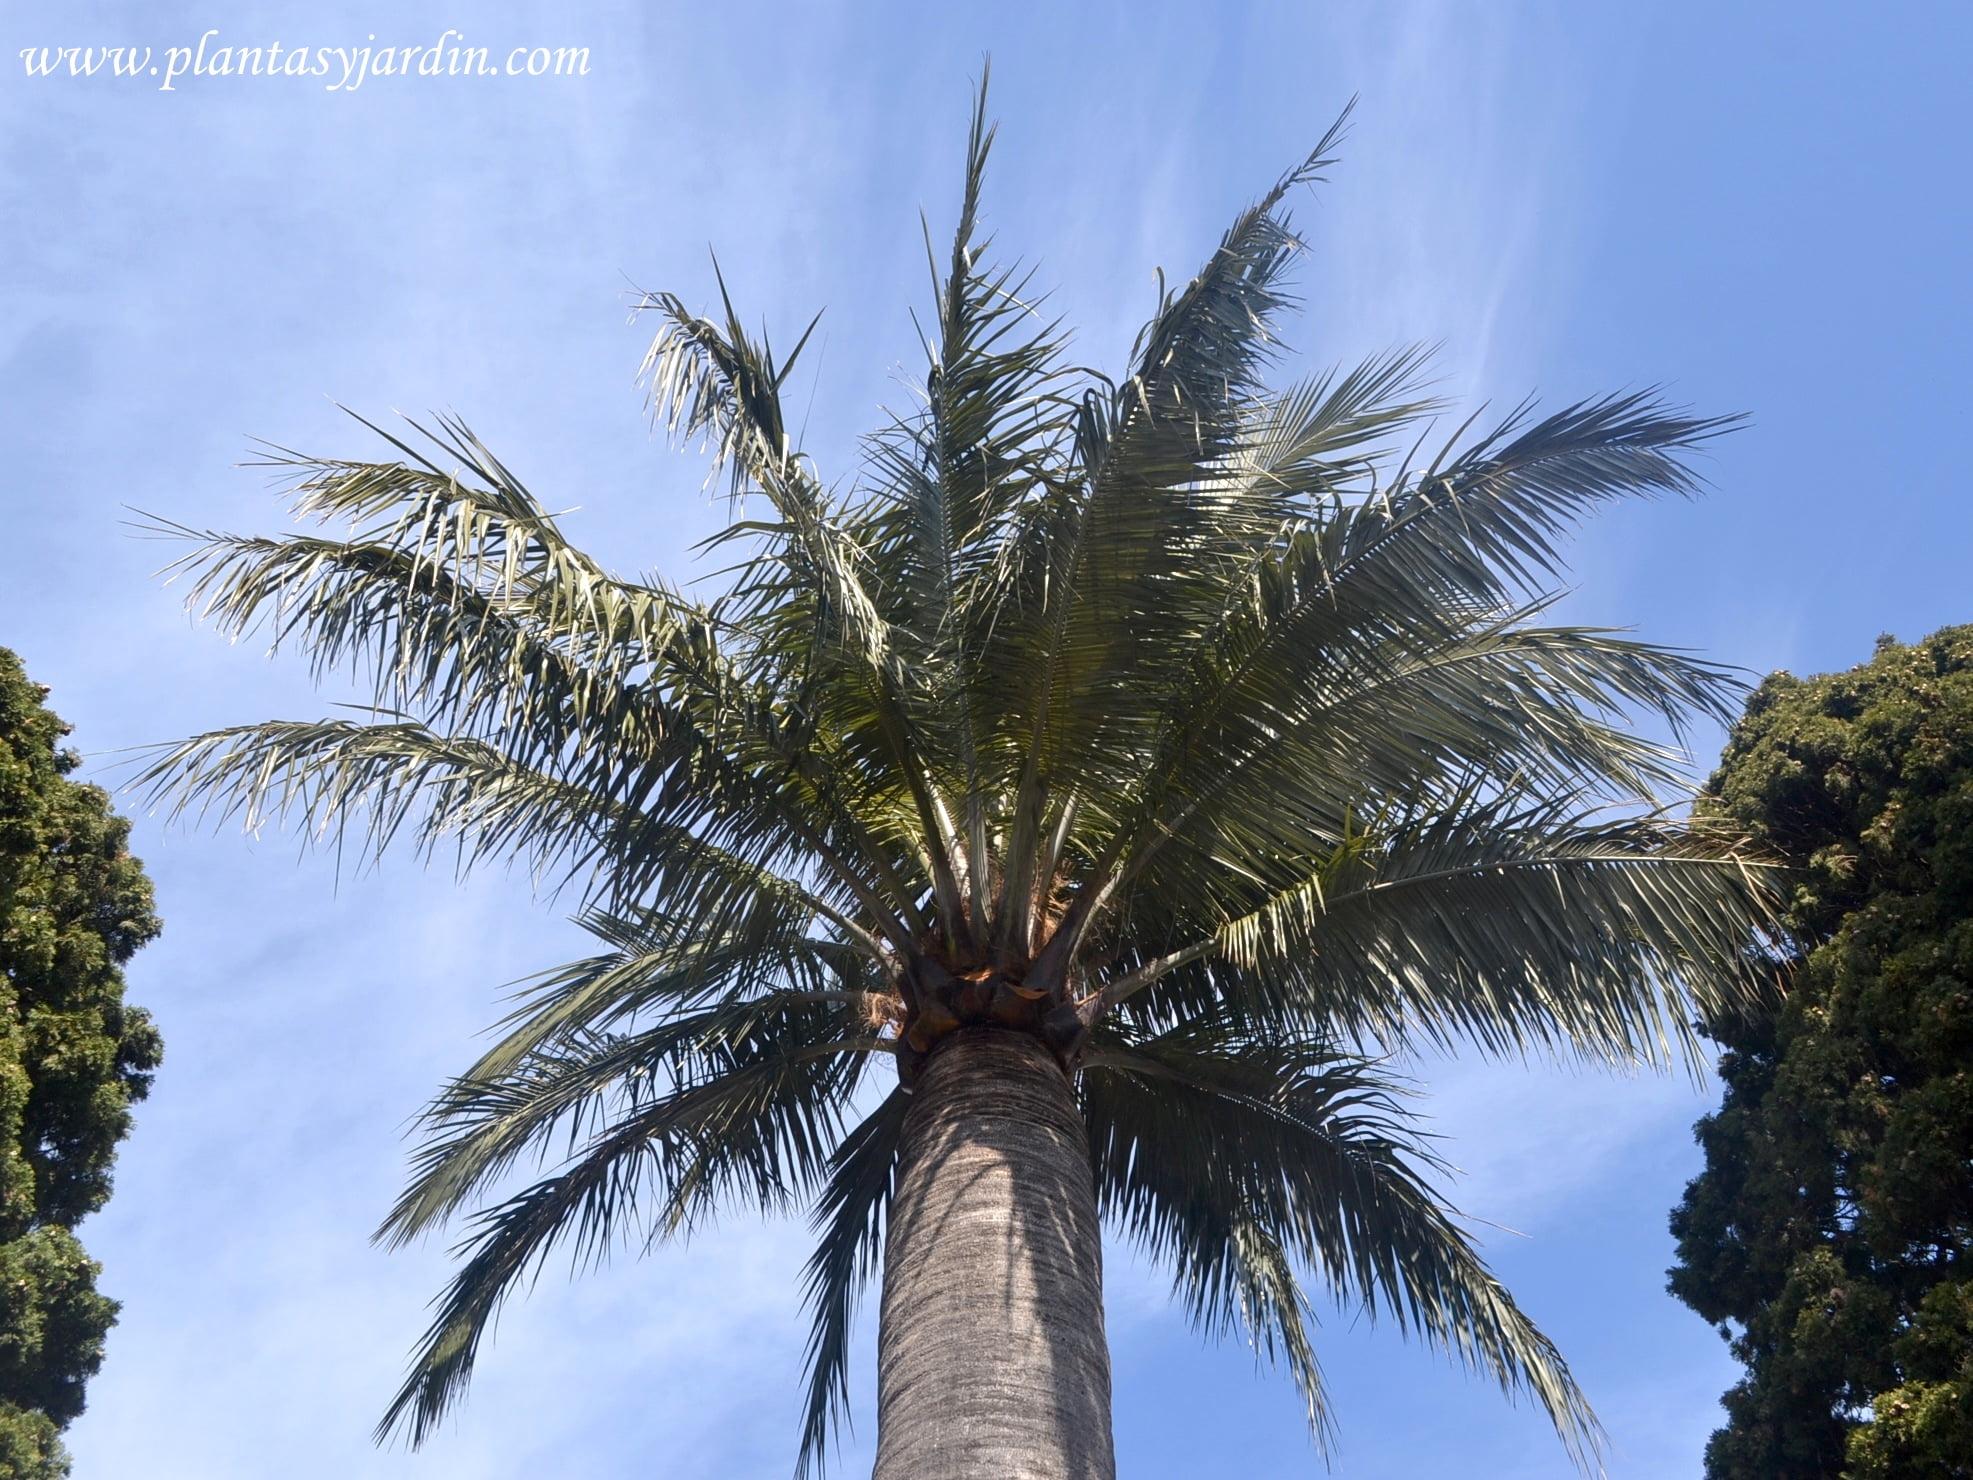 Jubaea chilensis detalle de corona y las hojas pinnadas